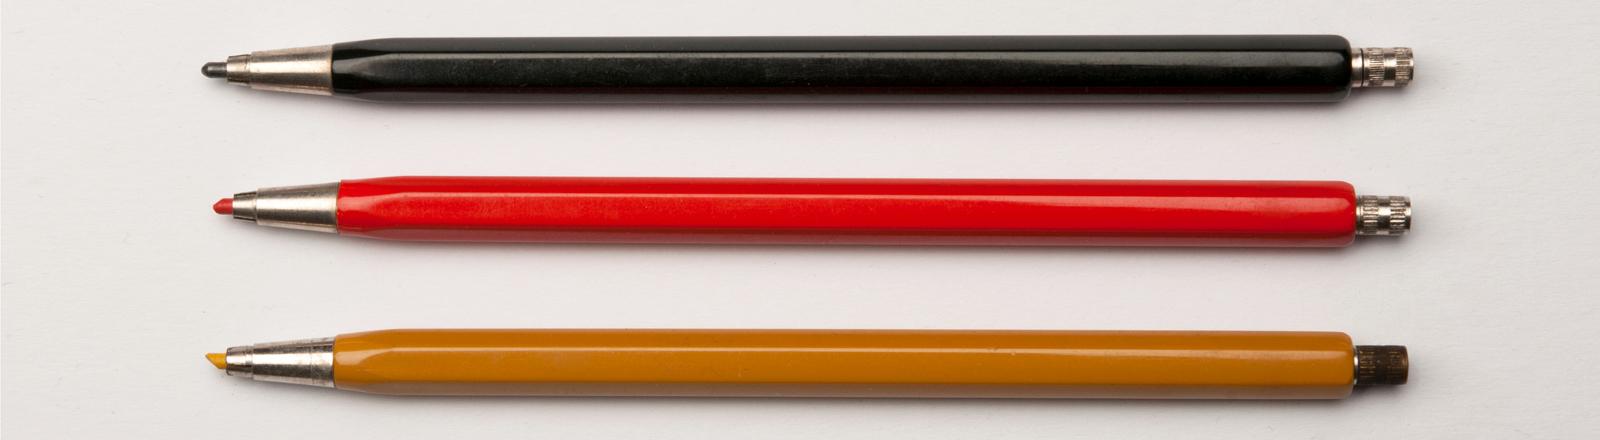 Ordentlich aufgereihte Kugelschreiben in Deutschlandfarben